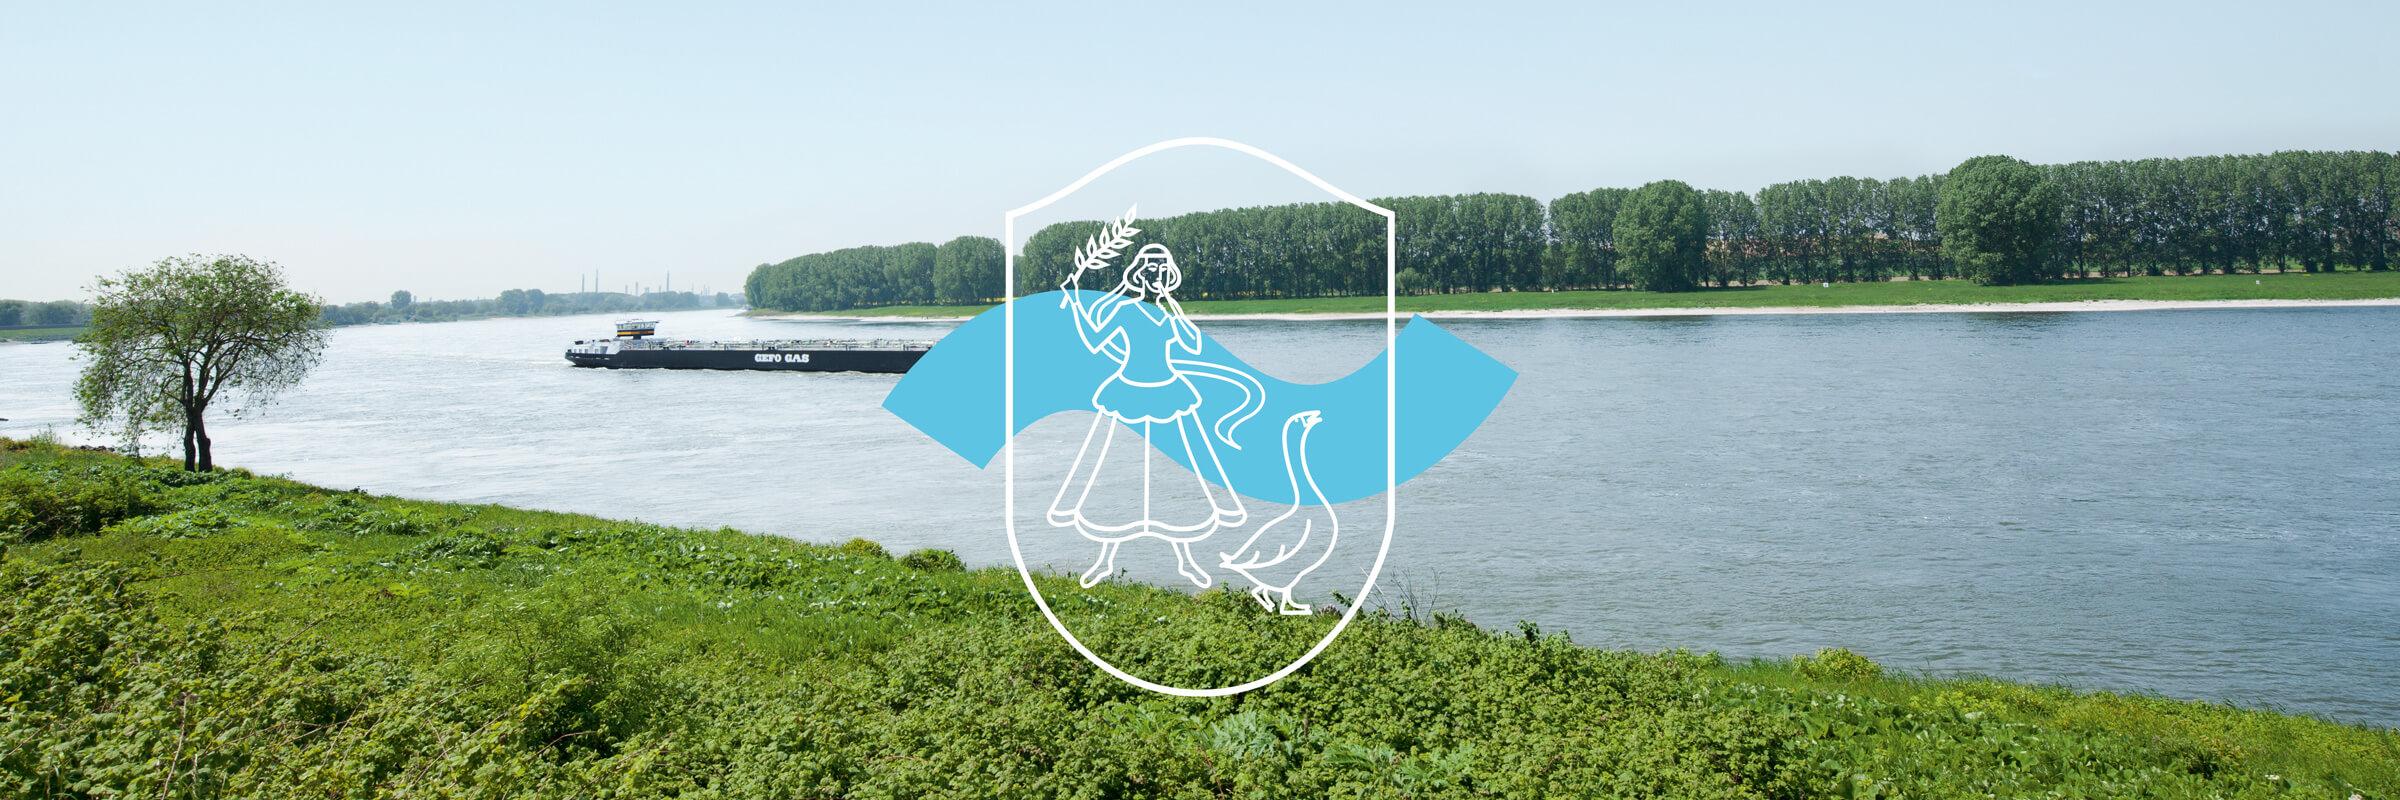 Logoentwicklung für die Stadt Monheim am Rhein bei Düsseldorf mit Bild vom Rhein